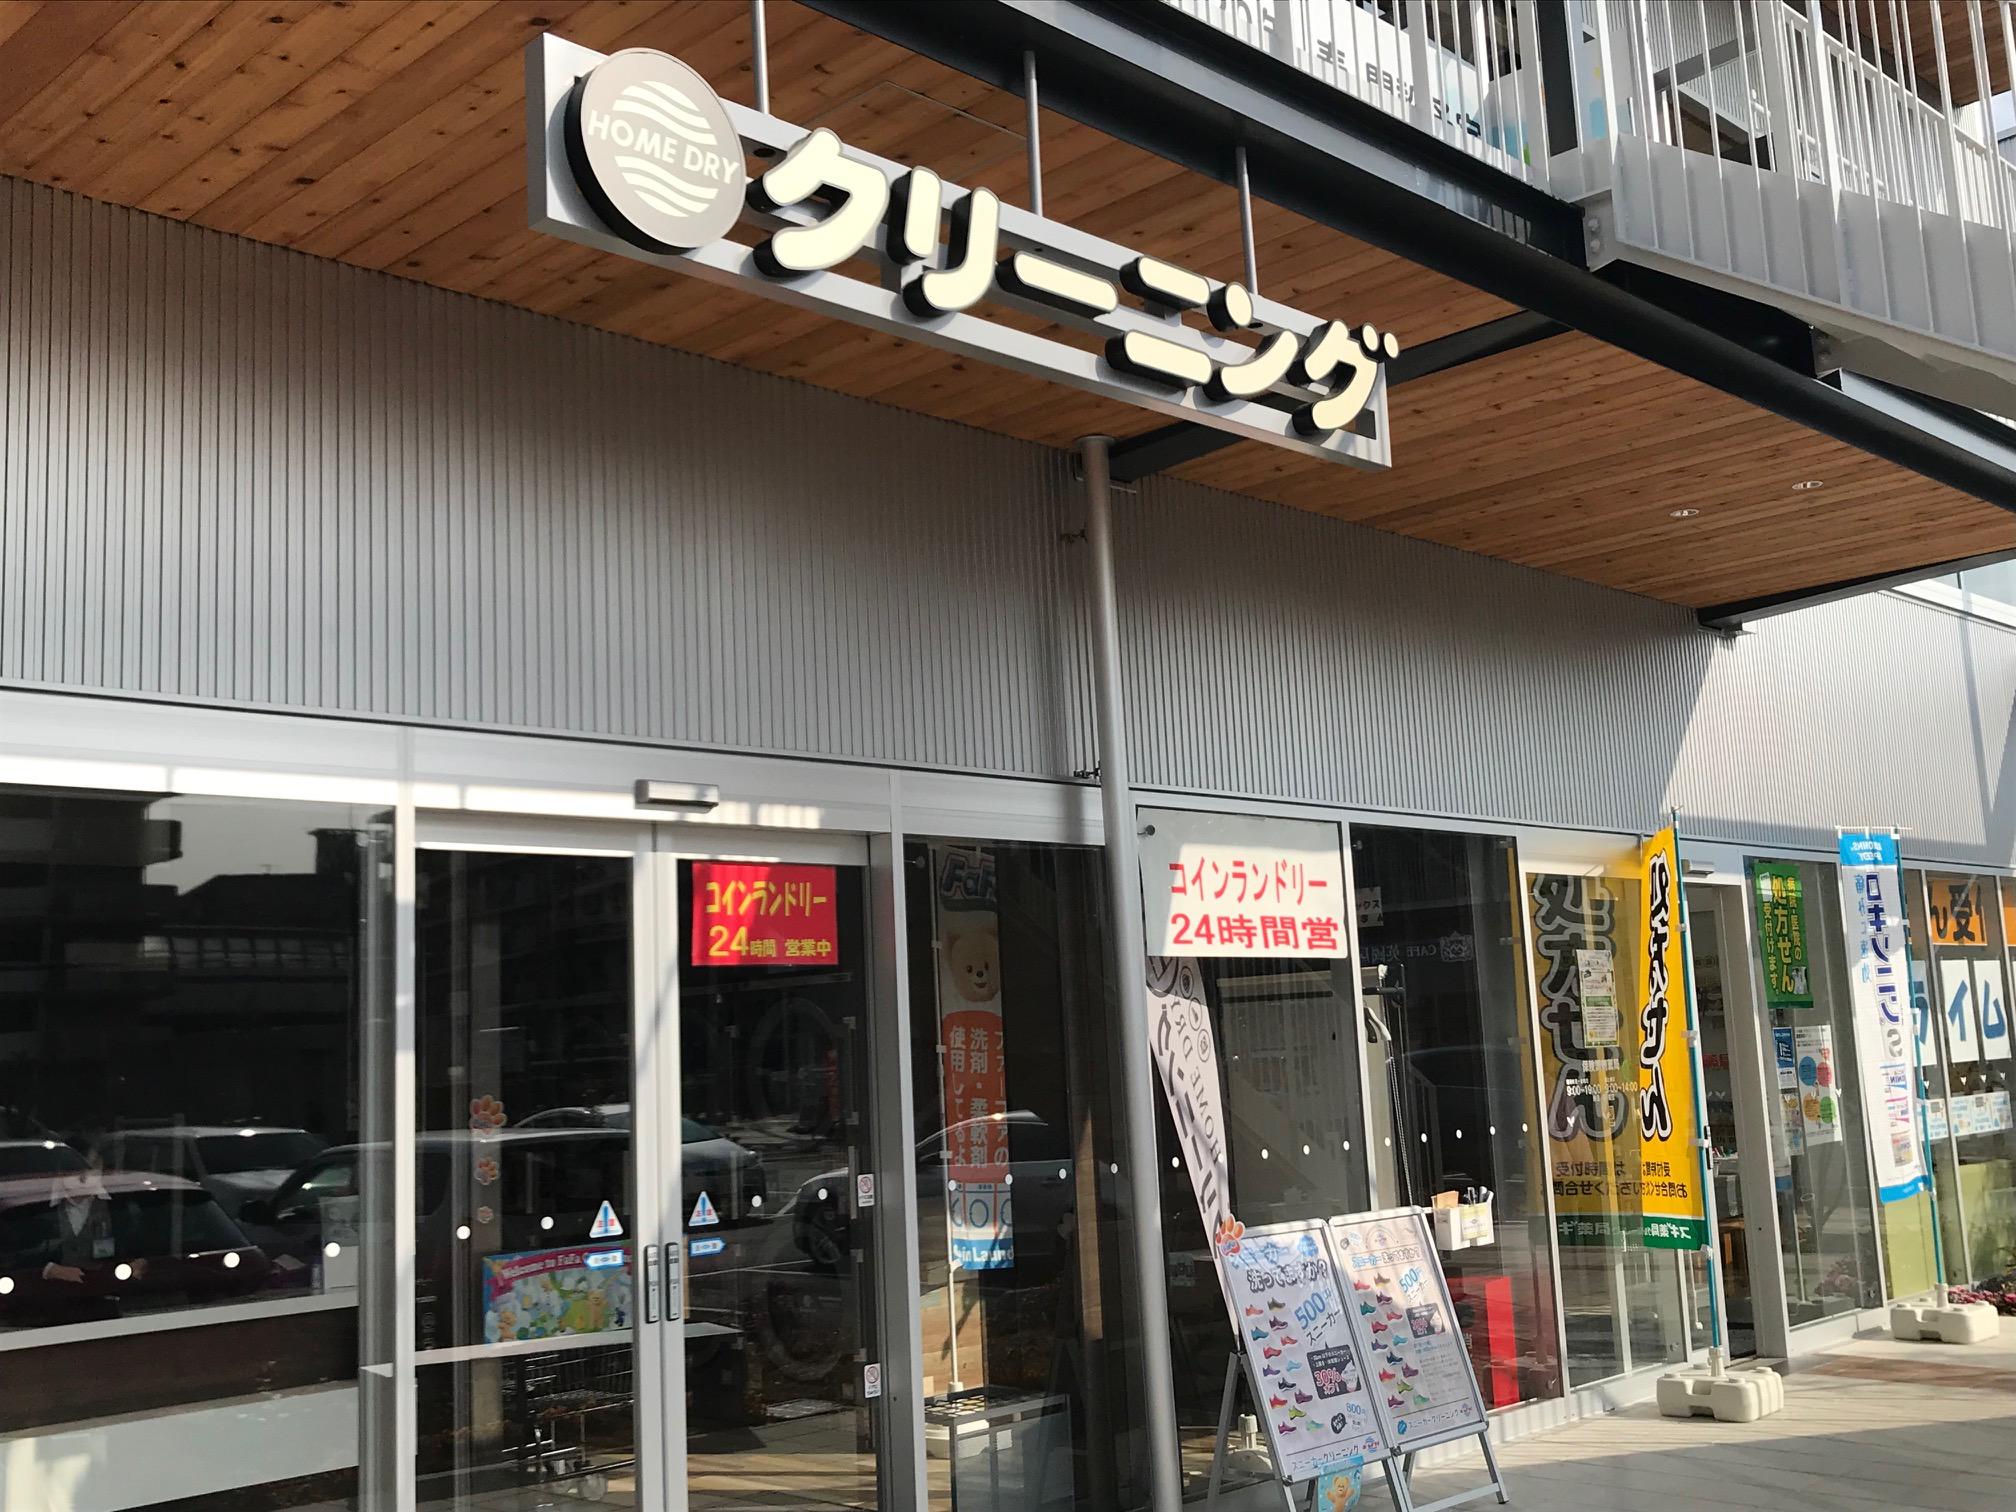 ホームドライ 甲子園口店 ロゴ